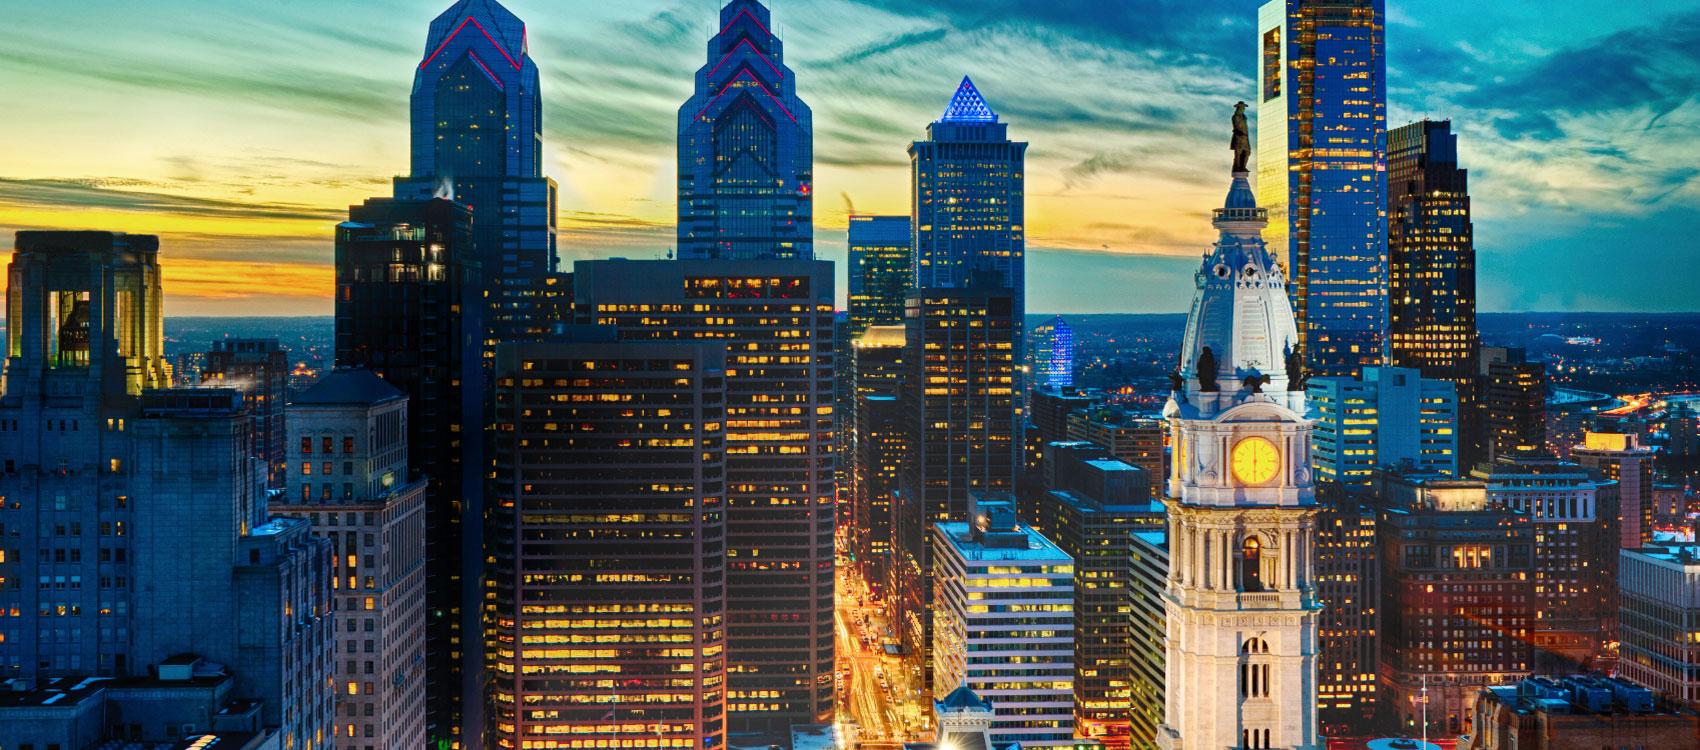 The Philadelphia Experiment - Remixed